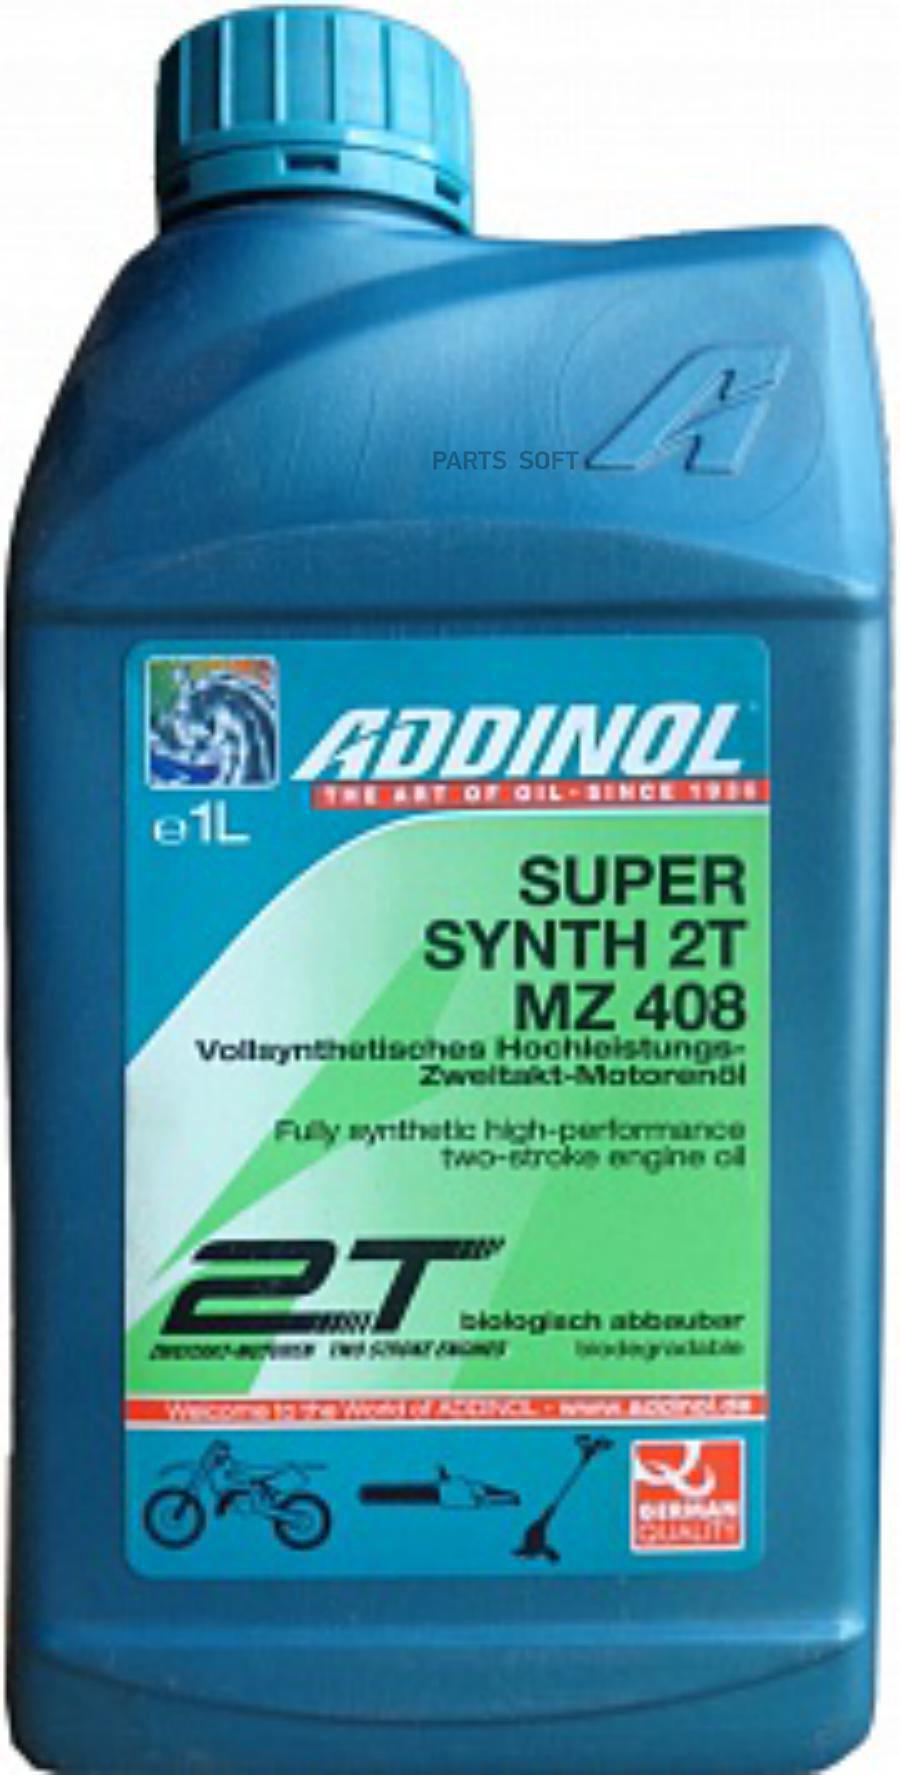 Масло моторное синтетическое Super Synth 2T MZ 408, 1л